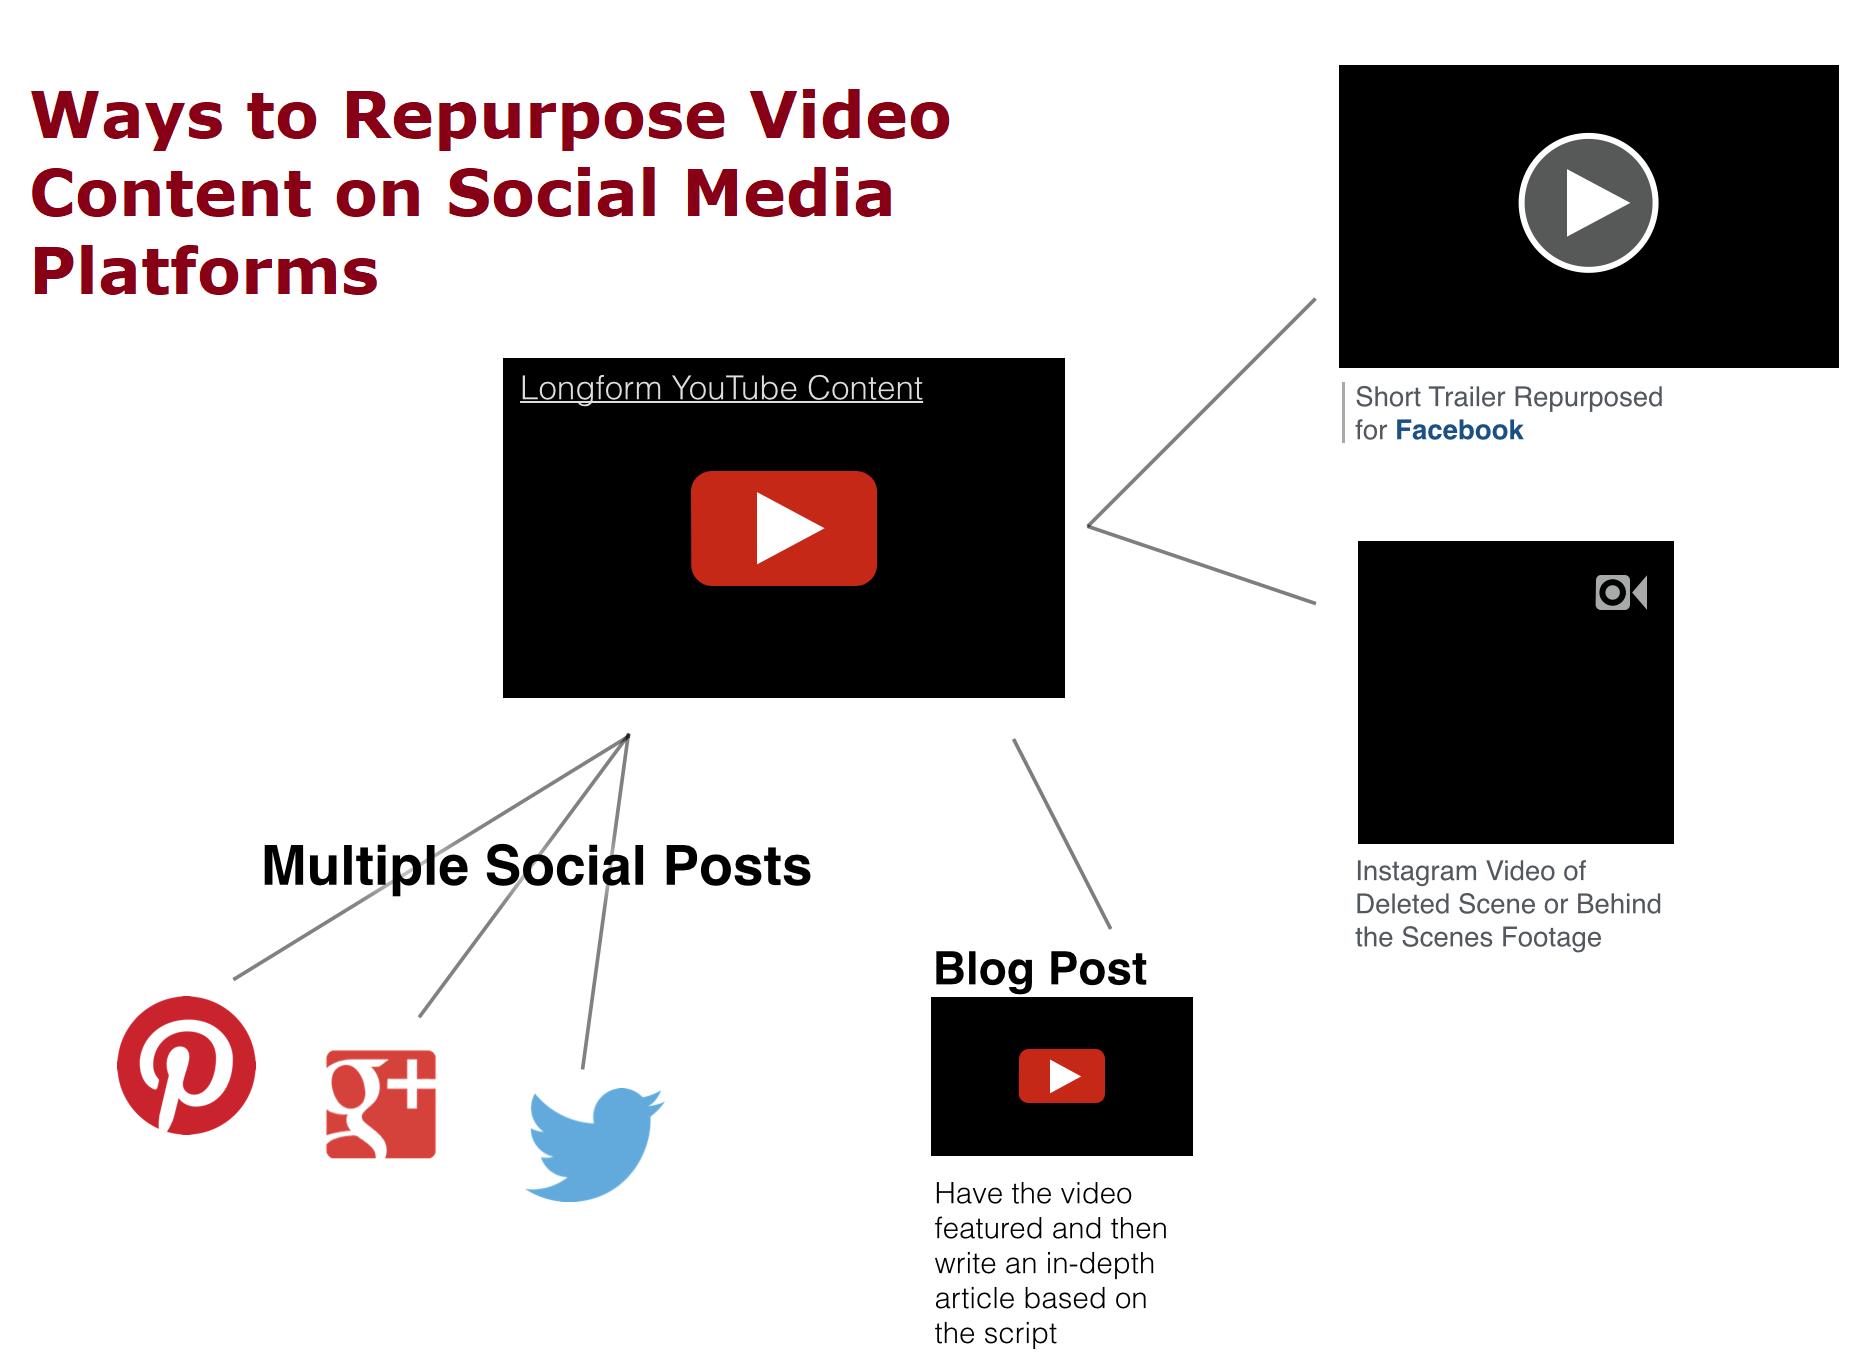 repurpose video content